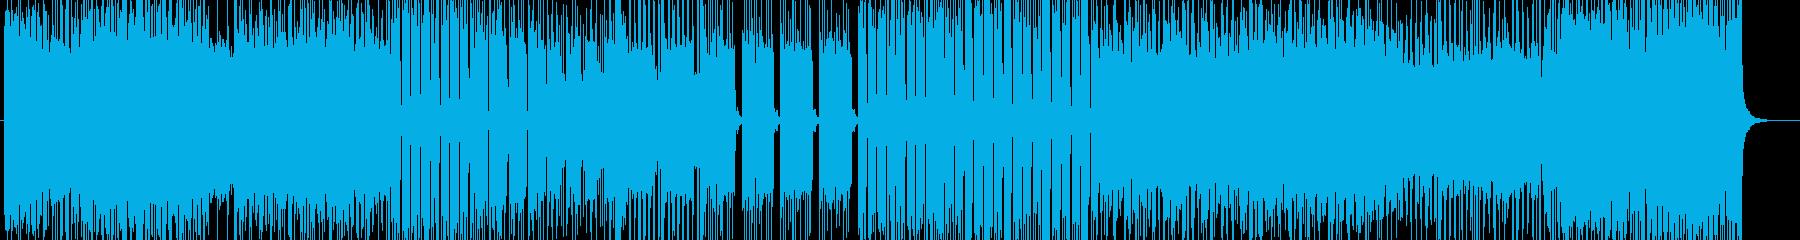 DEATH METAL系激しいインスト曲の再生済みの波形